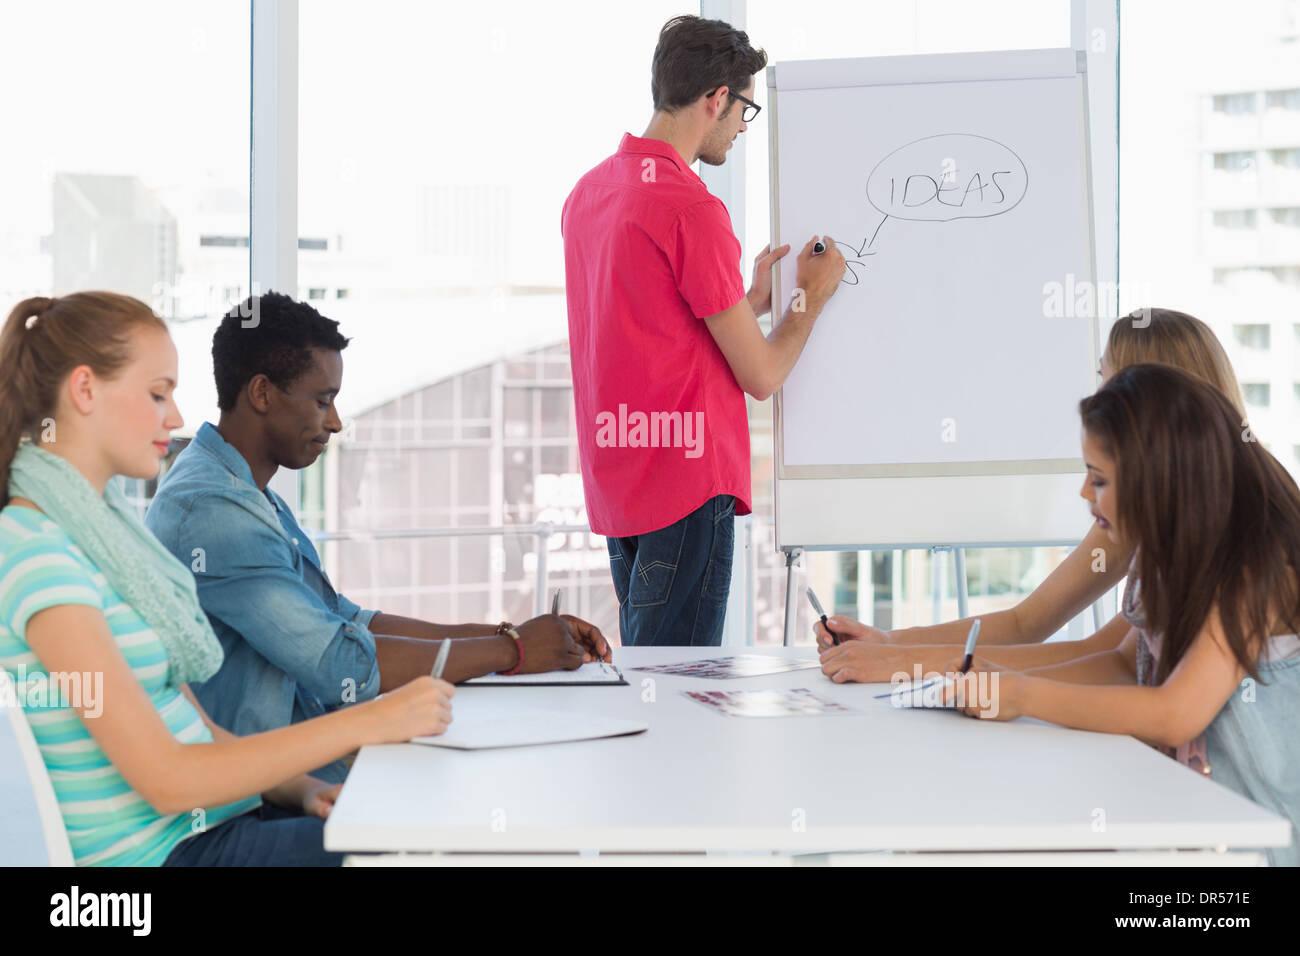 Gente de negocios informales en la oficina al momento de la presentación Foto de stock